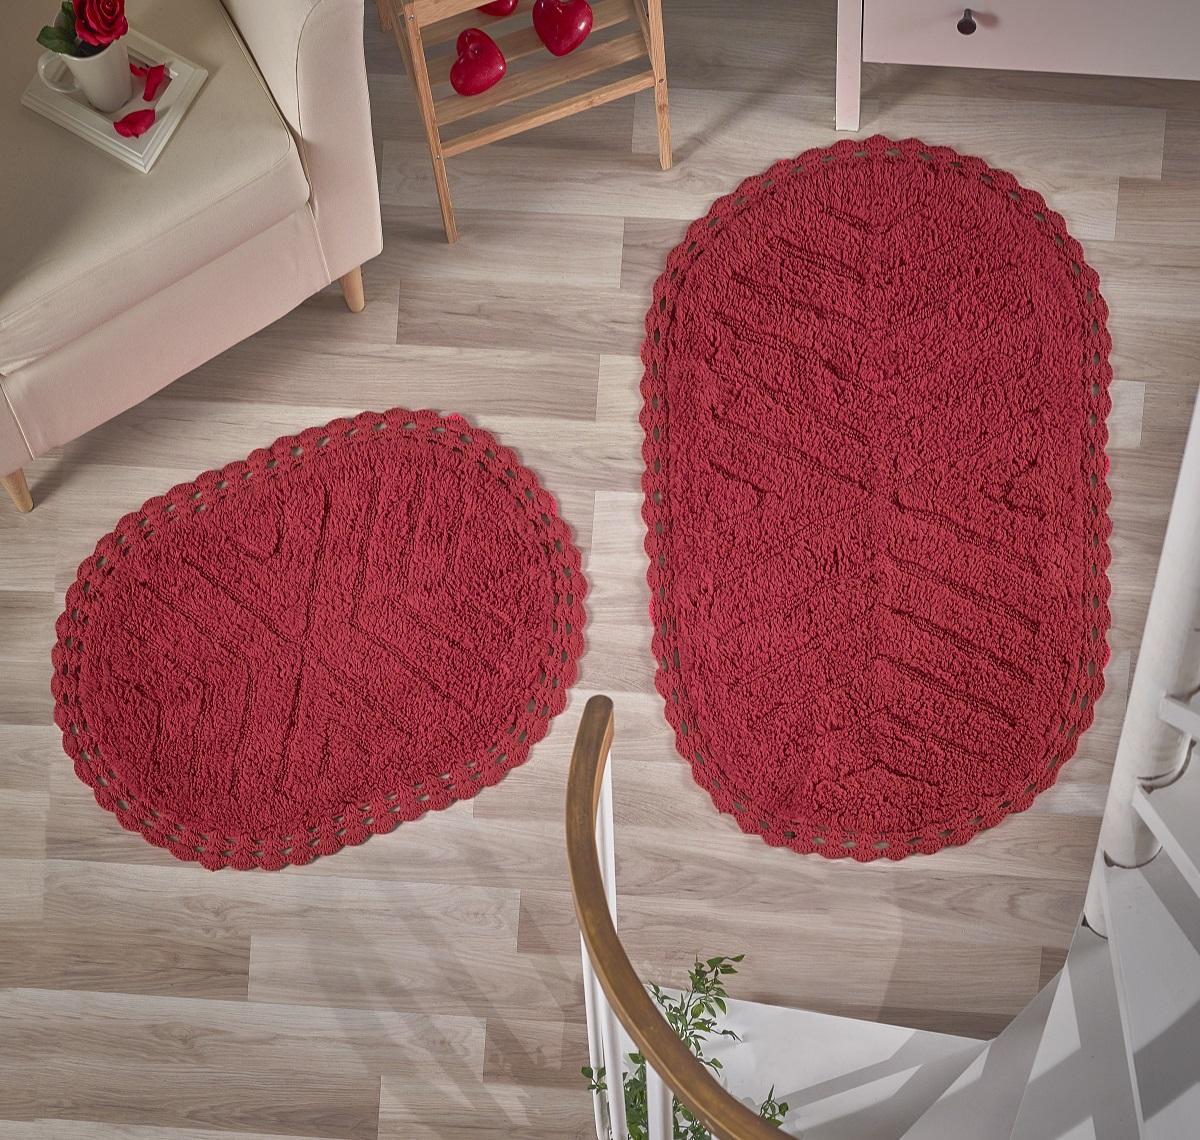 Коврики для ванной и туалета Modalin Коврик для ванной Cross Цвет: Красный (50х70 см,60х100 см) коврик для ванной white fox узор цвет красный 50 см х 70 см